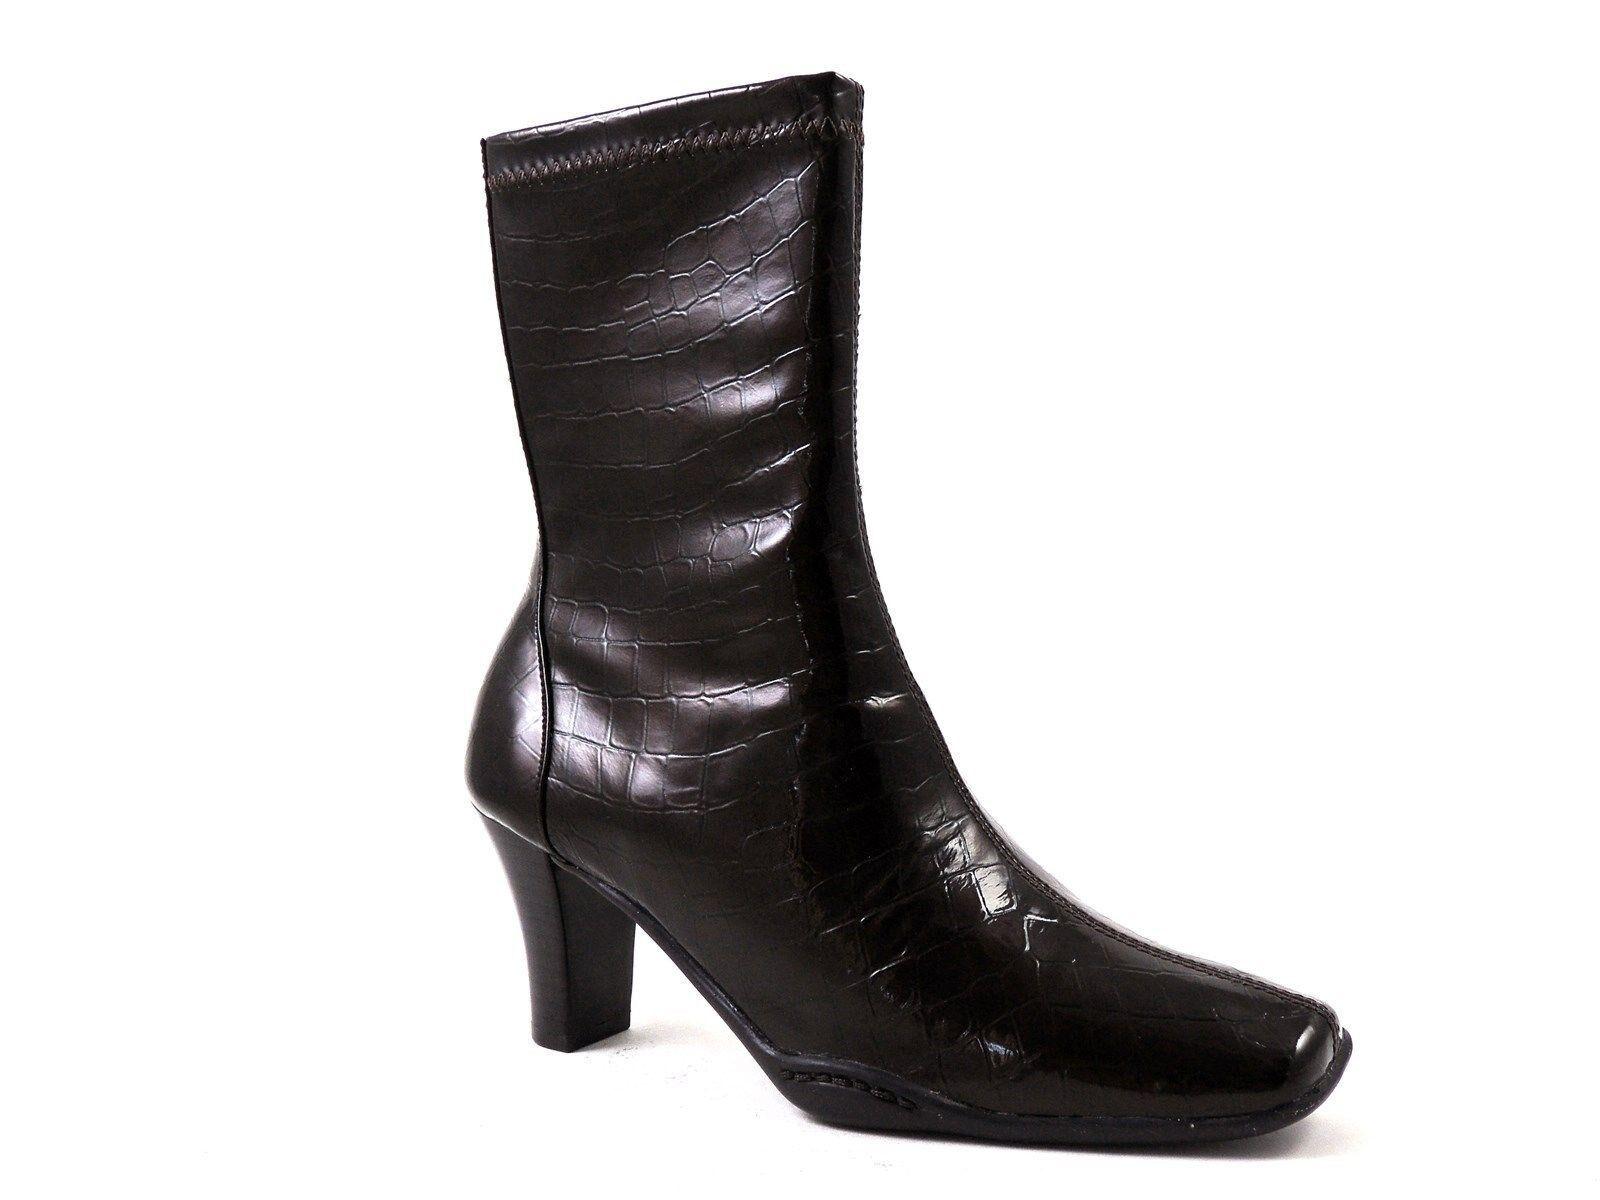 Aerosoles Aerosoles Aerosoles Cinsual Mujer mitad de la Pantorrilla botas Marrón Oscuro Impresión Croco Talla 5.5 M  sin mínimo